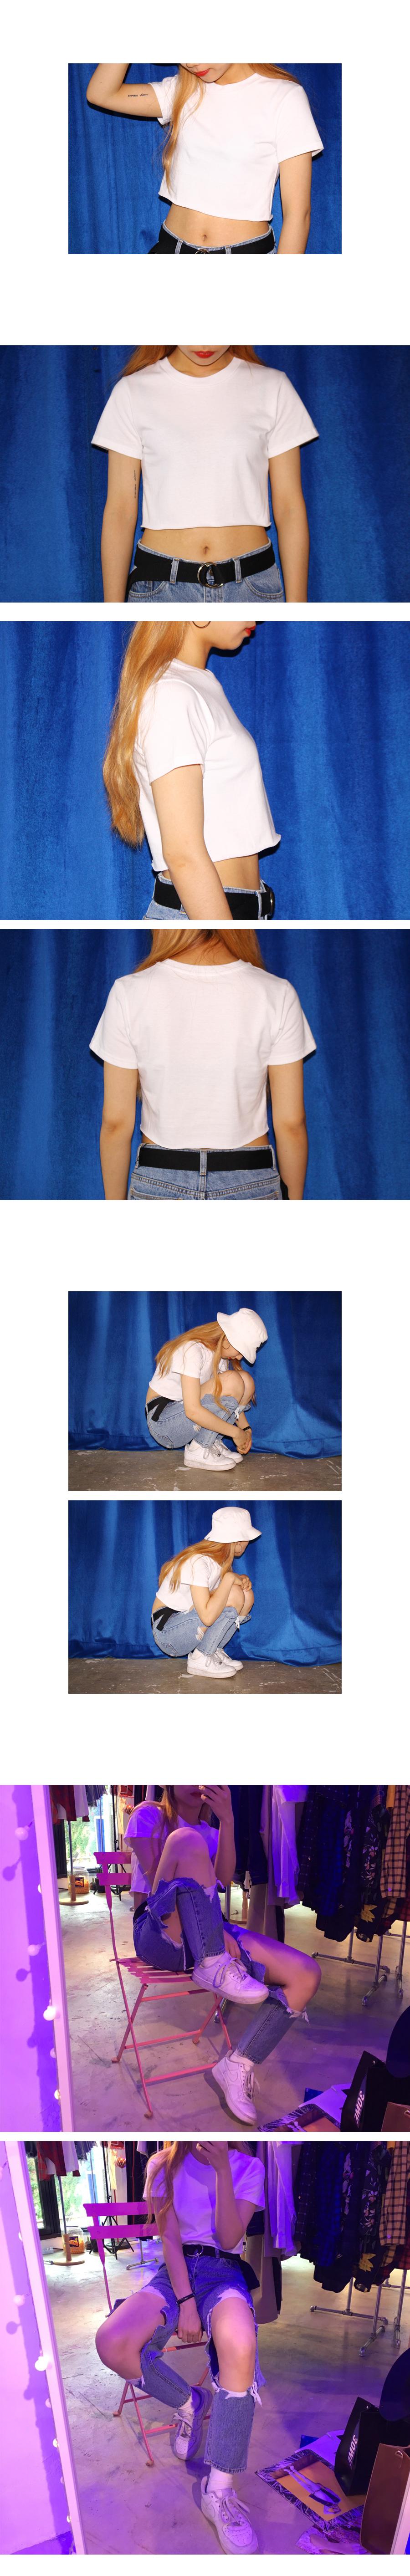 컷팅 크롭 티셔츠 (3colors)16,000원-써리미패션의류, 여성상의, 반팔티셔츠, 무지바보사랑컷팅 크롭 티셔츠 (3colors)16,000원-써리미패션의류, 여성상의, 반팔티셔츠, 무지바보사랑